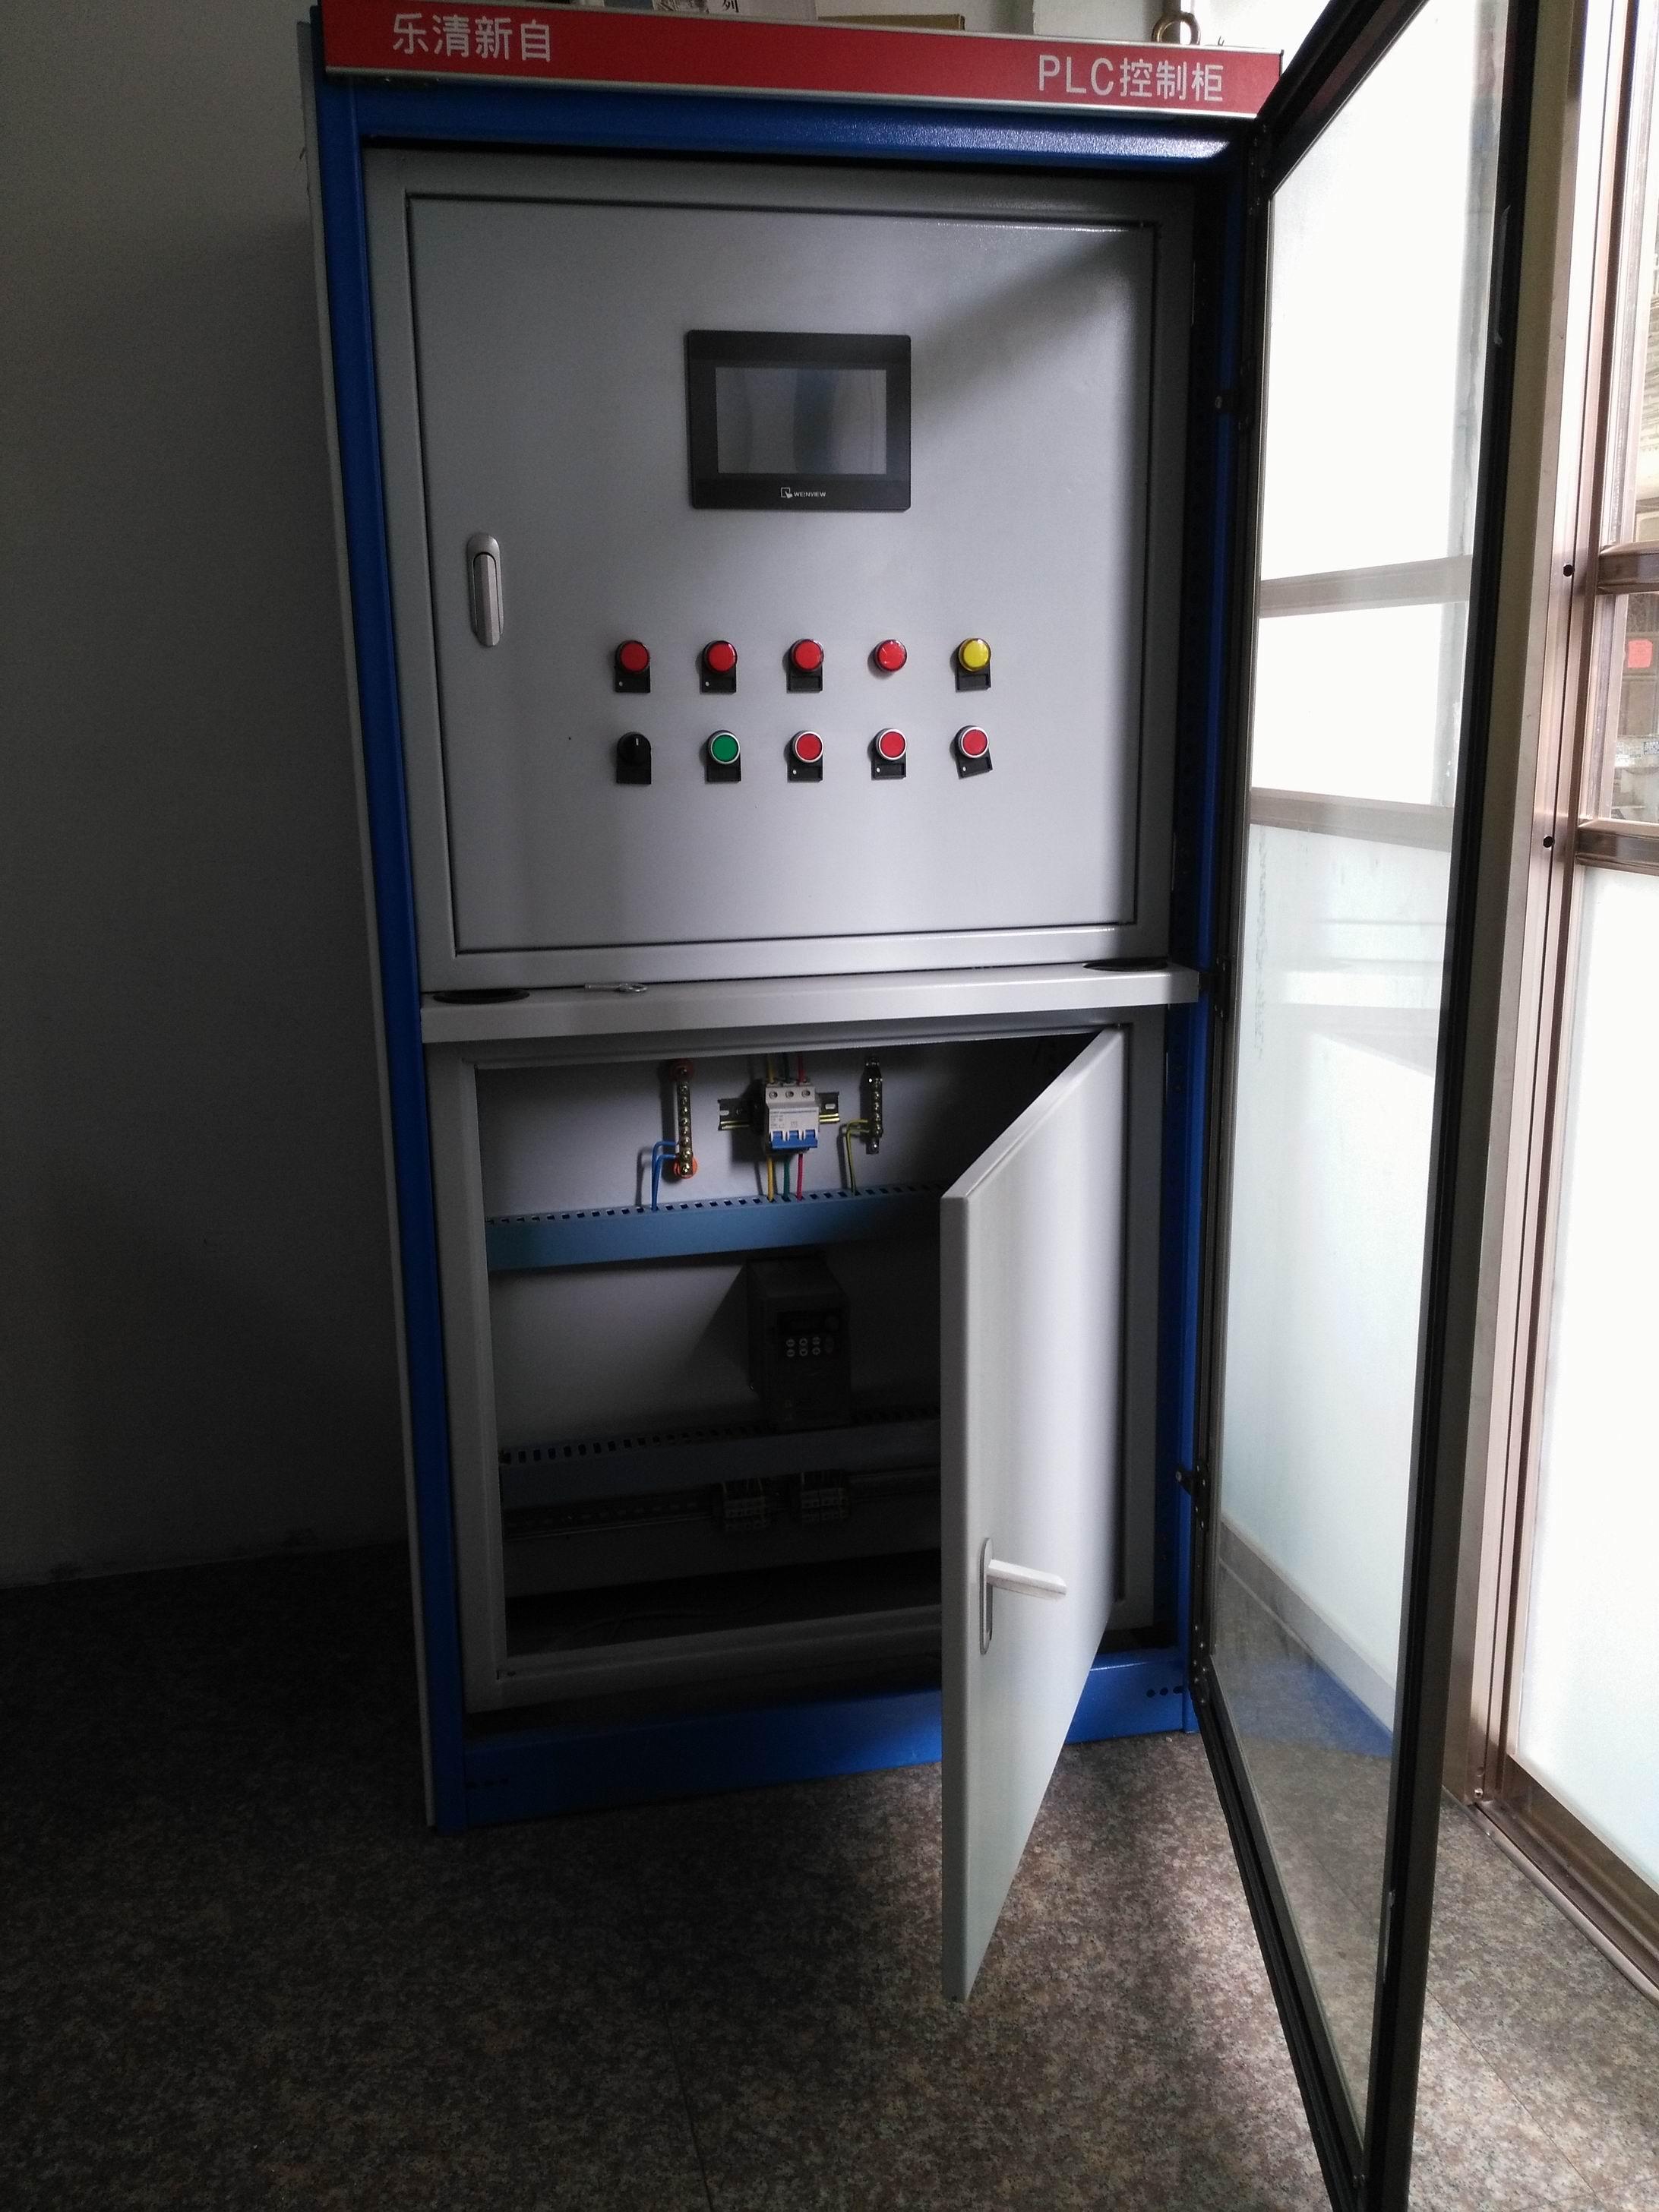 平原PLC闸门电控柜维修